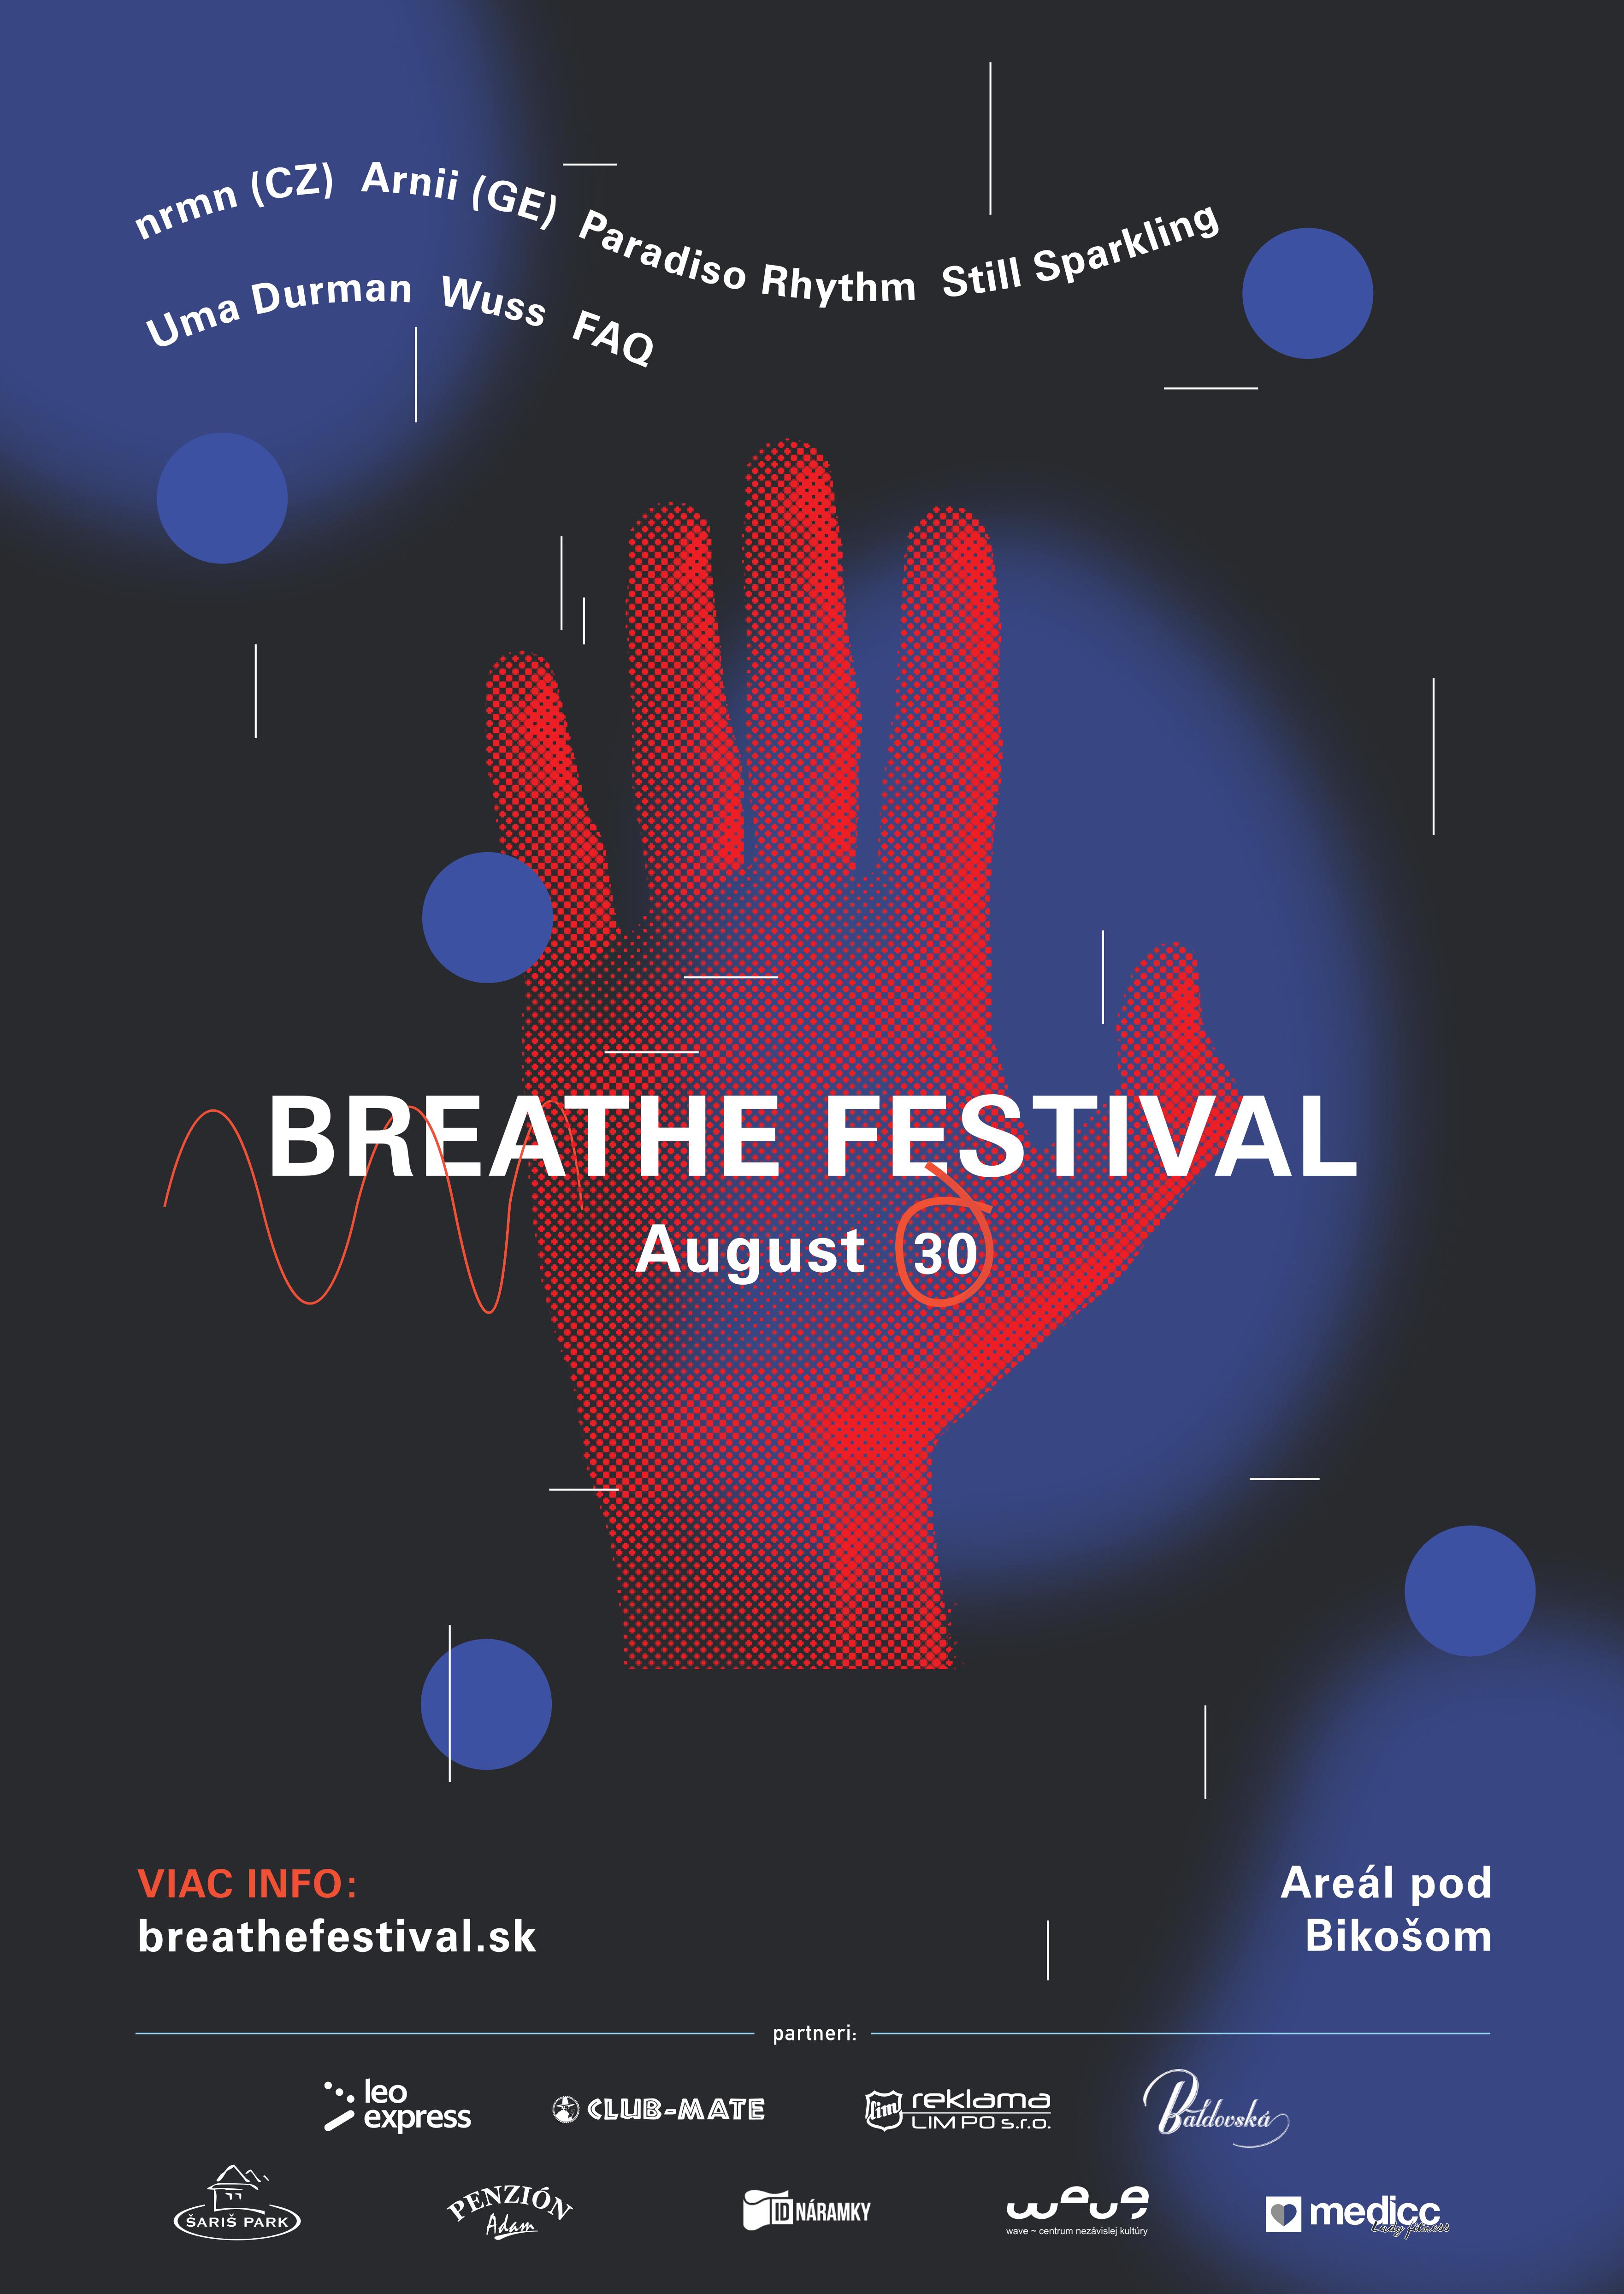 Breathe festival 2019